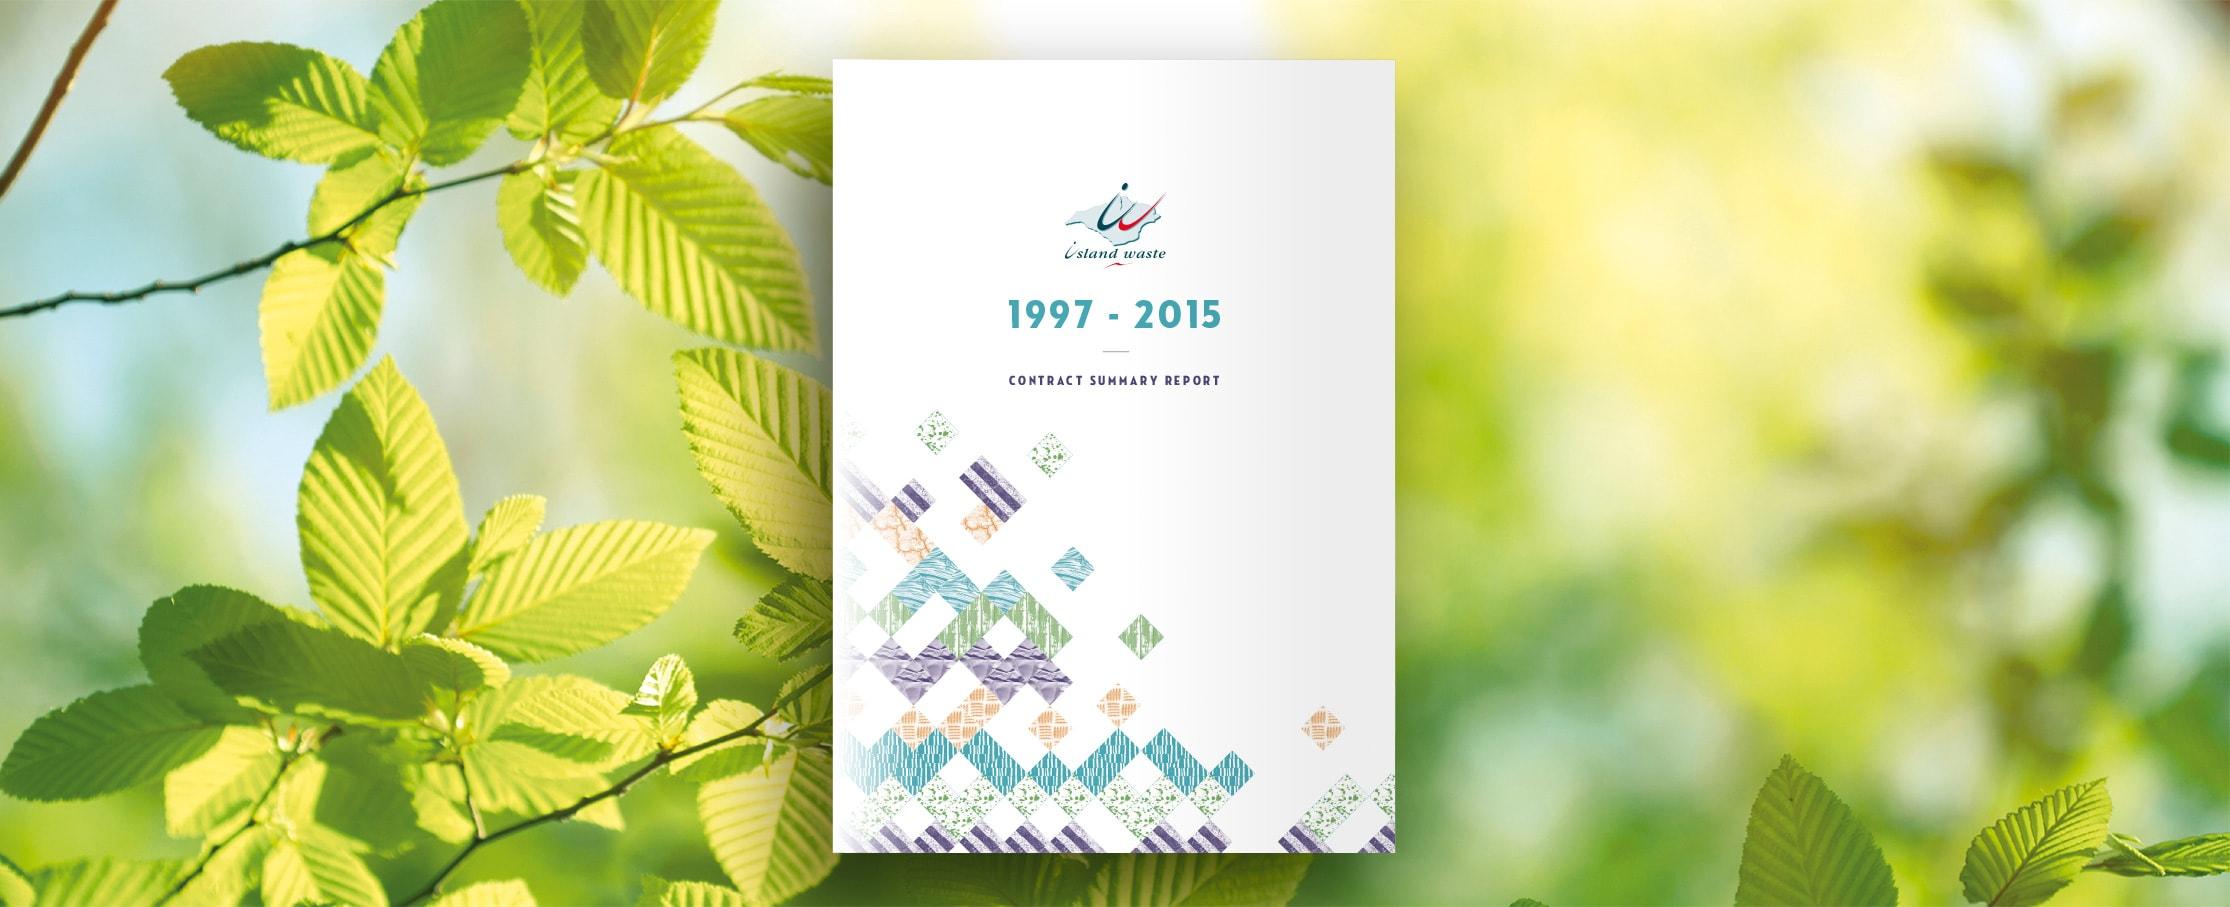 Annual report cover design Island Waste